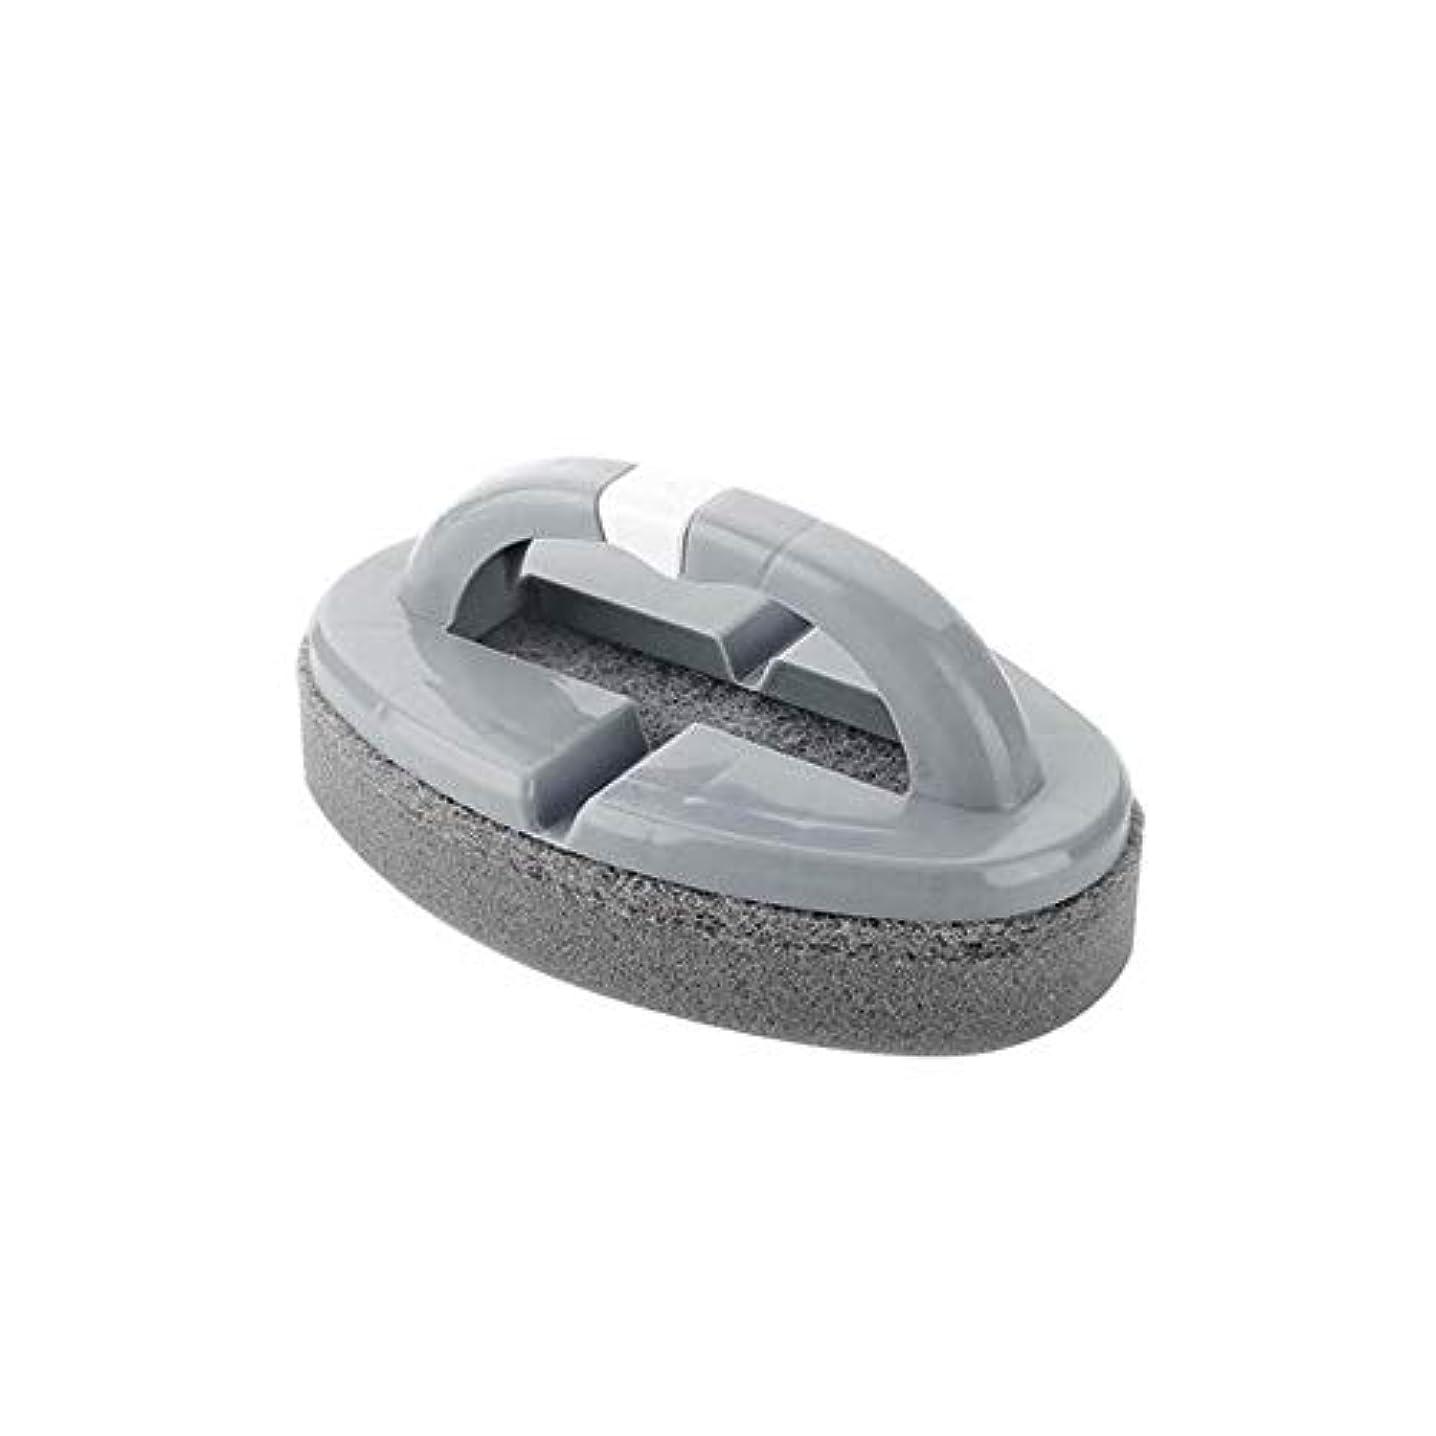 世代無人バルーンポアクリーニング 折りたたみスポンジハンドル付きハンドルバスルームタイルクリーニングブラシ2 PCS マッサージブラシ (色 : C)